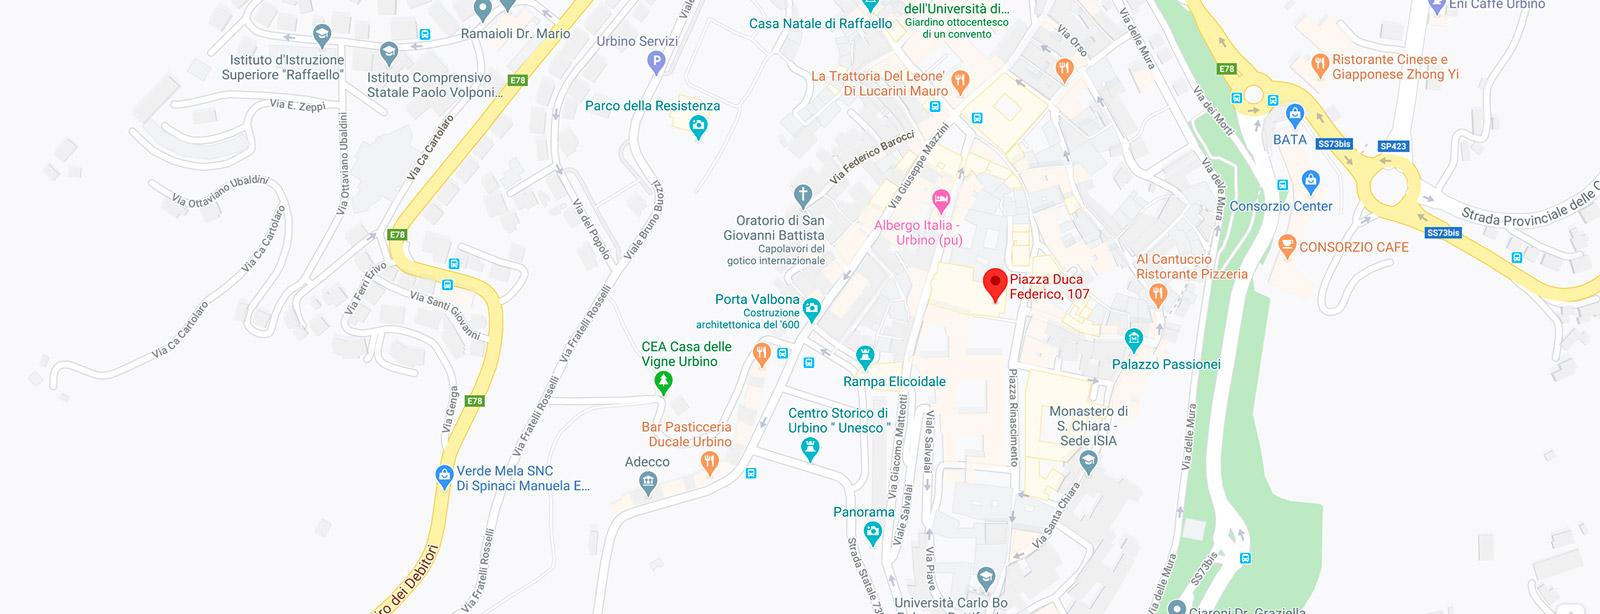 Gebart SPA Galleria Nazionale delle Marche Palazzo Ducale di Urbino Mappa